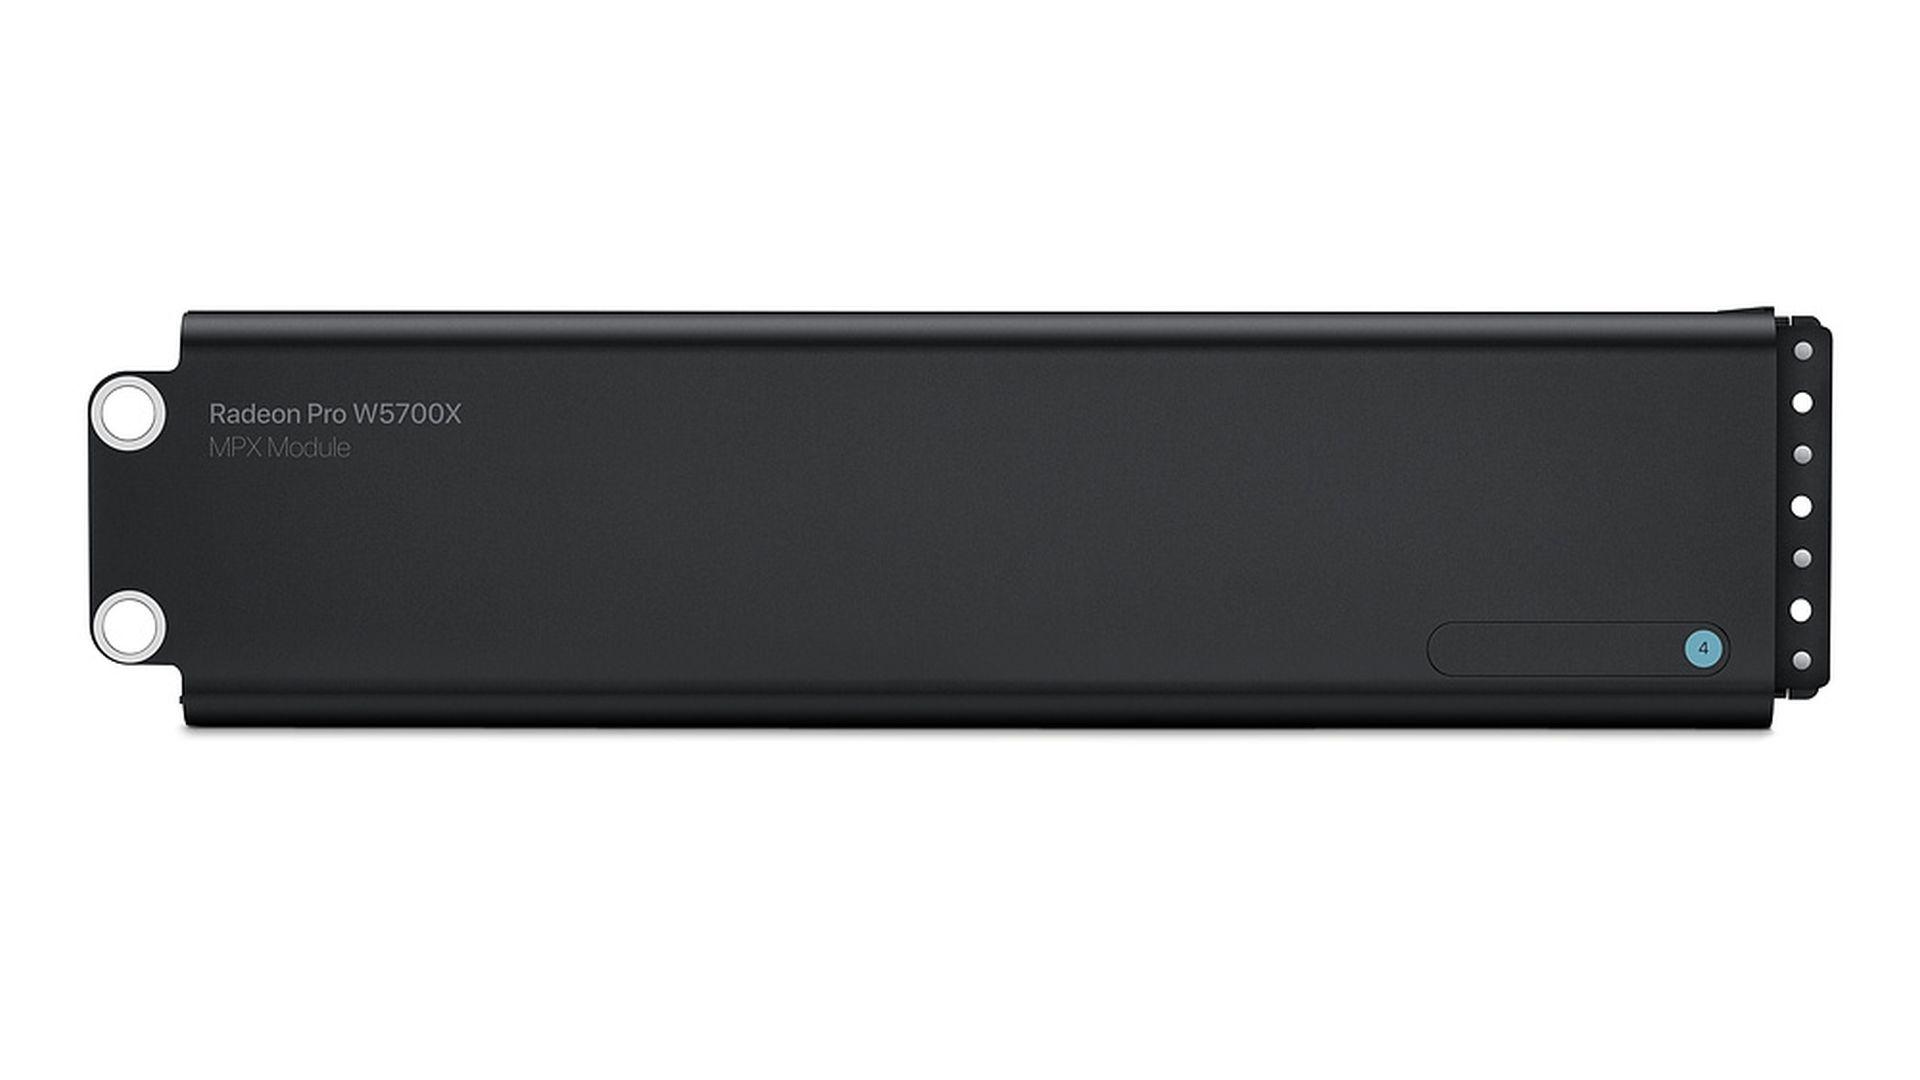 Moduł MPX Radeon Pro W5700X dostępny w sklepie Apple